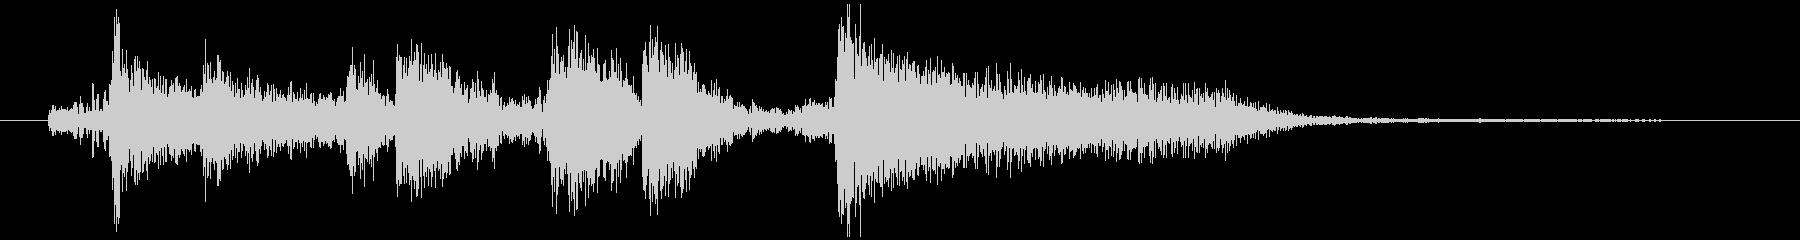 場面転換などにジャズジングル(4)の未再生の波形